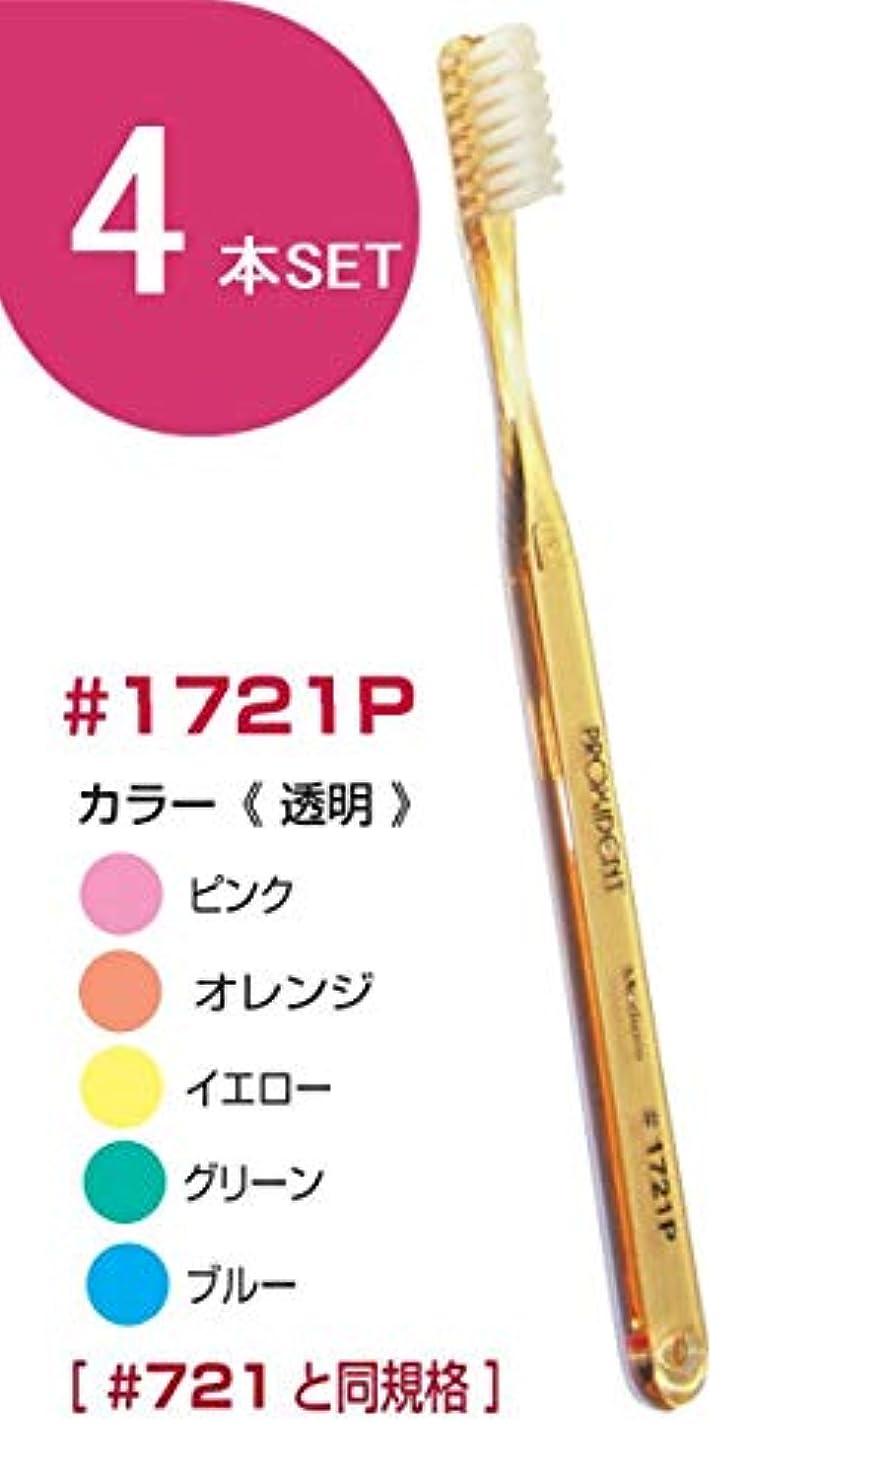 表示操るうっかりプローデント プロキシデント スリムヘッド M(ミディアム) #1721P(#721と同規格) 歯ブラシ 4本